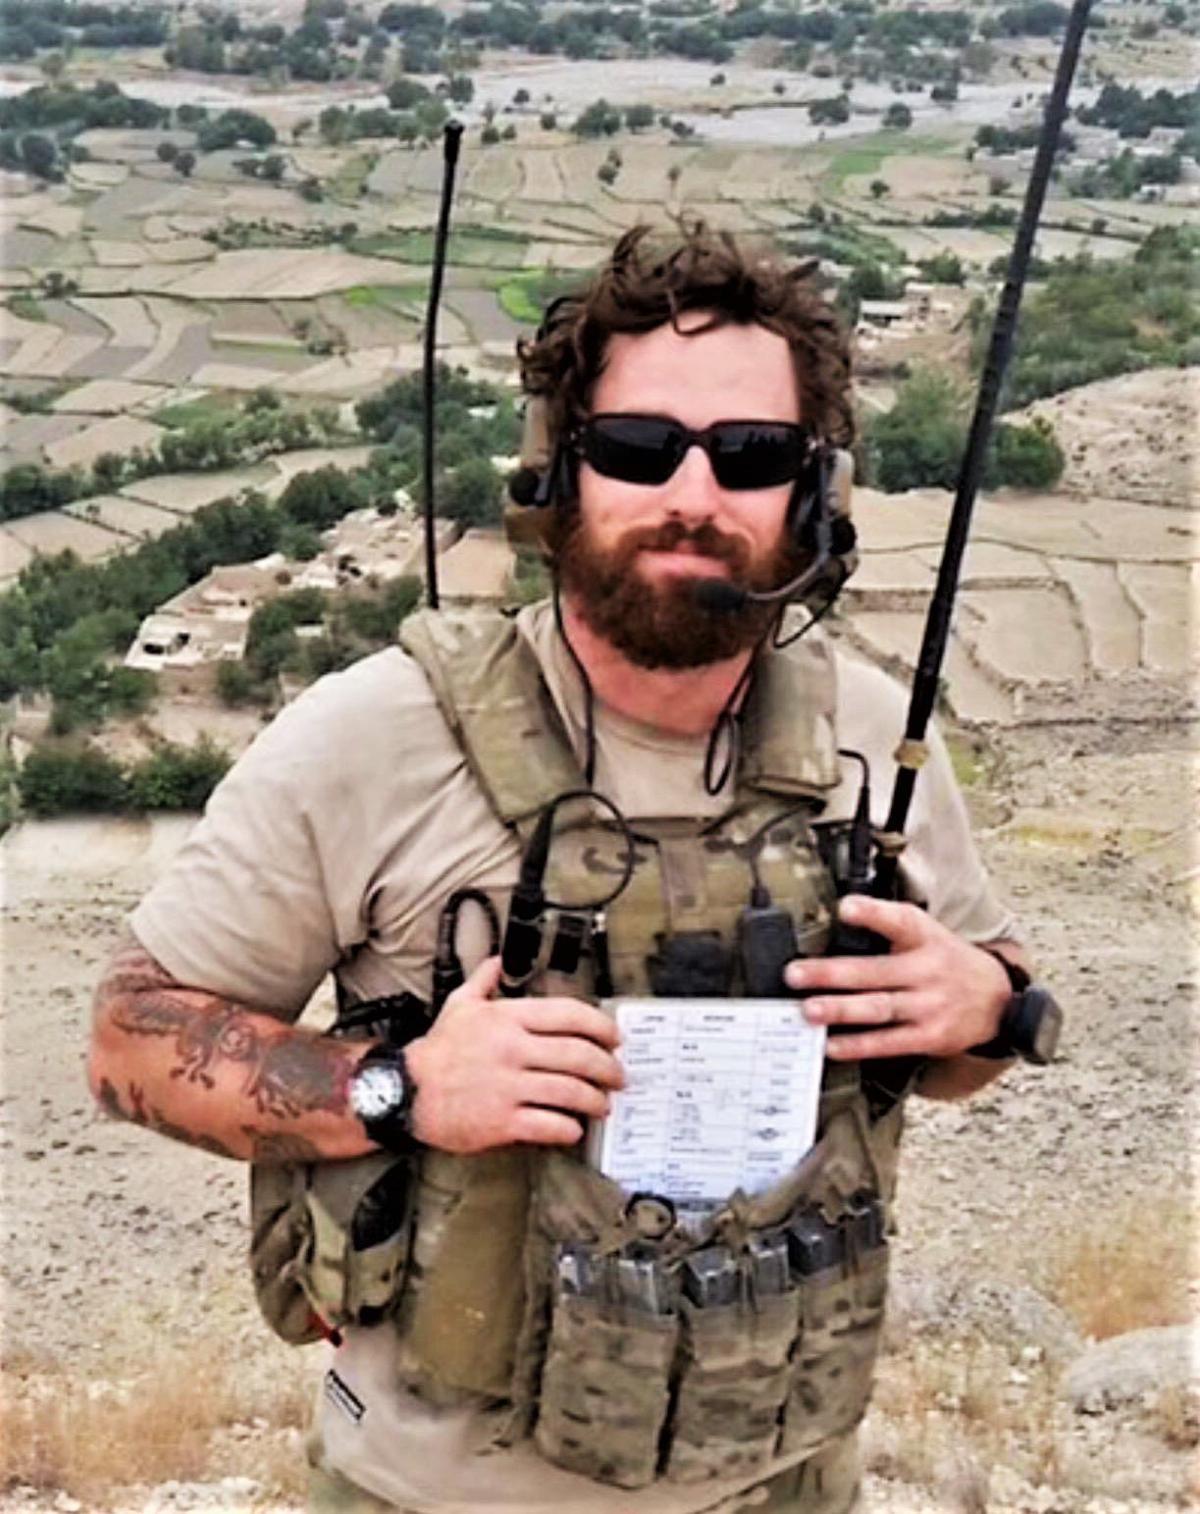 Tech Sgt. Daniel Keller